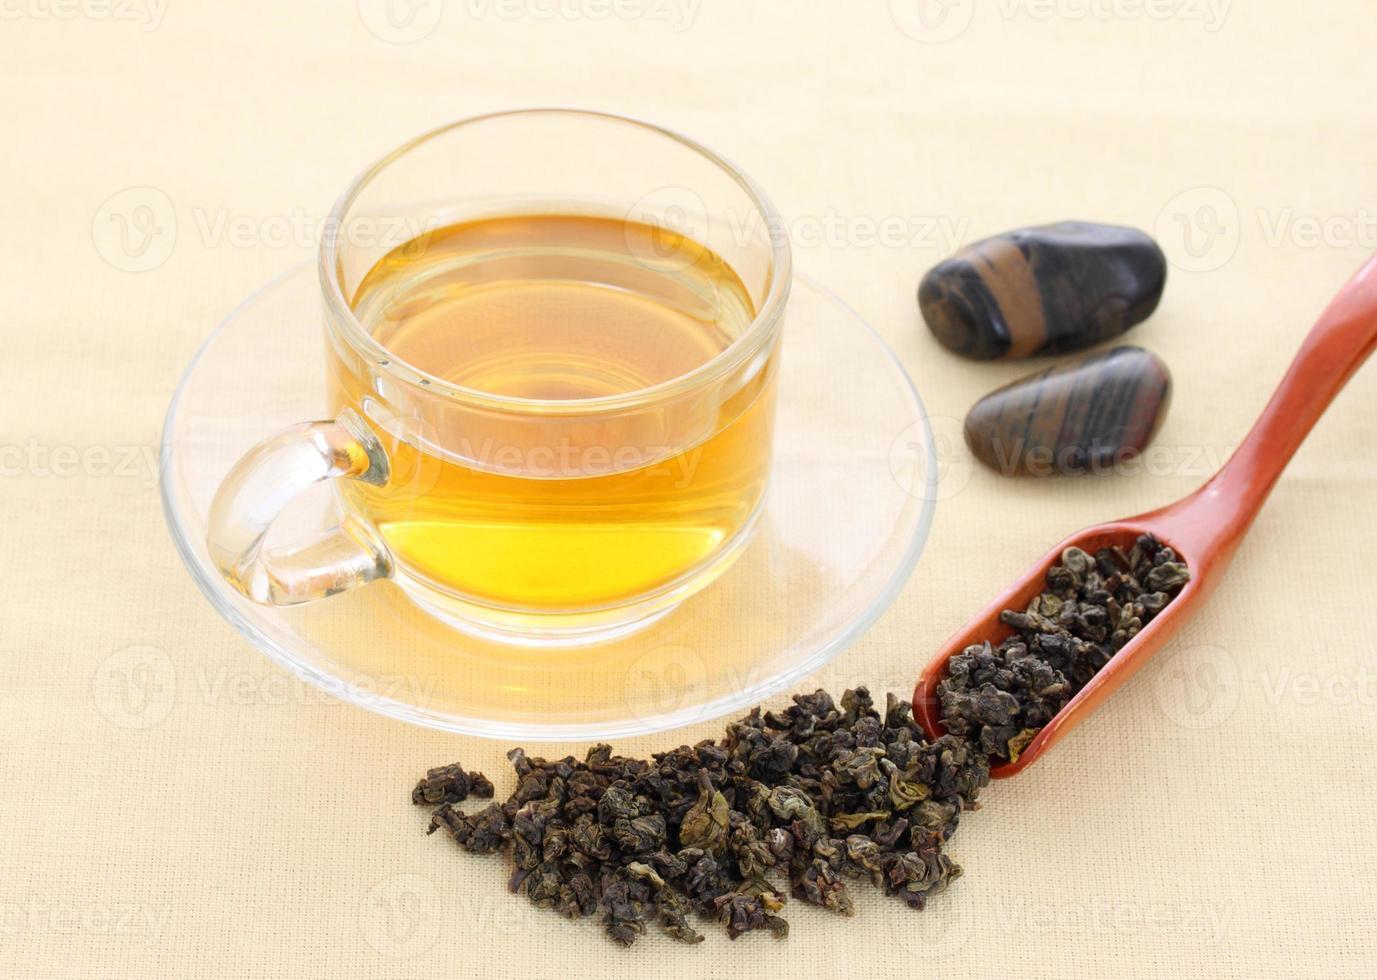 kopp med grönt te foto